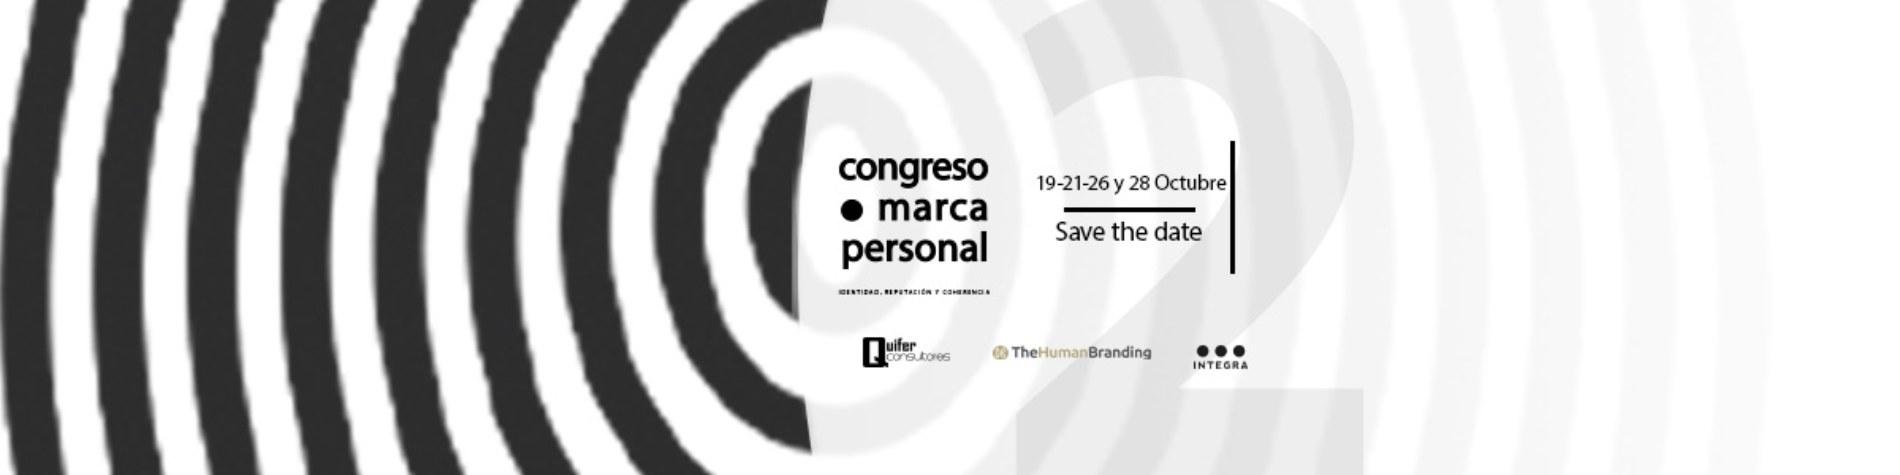 Congreso-Marca-Personal-Online-2021